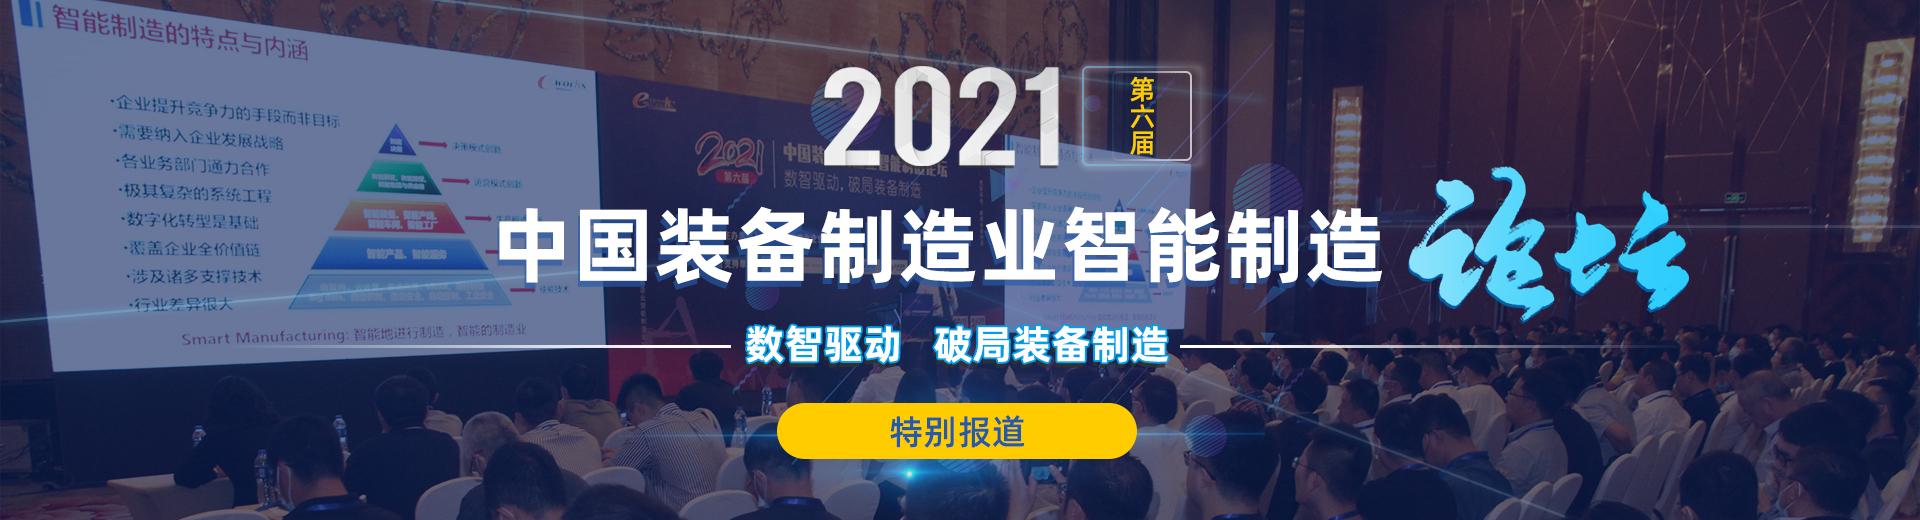 2021(第六届)中国装备制造业智能制造论坛